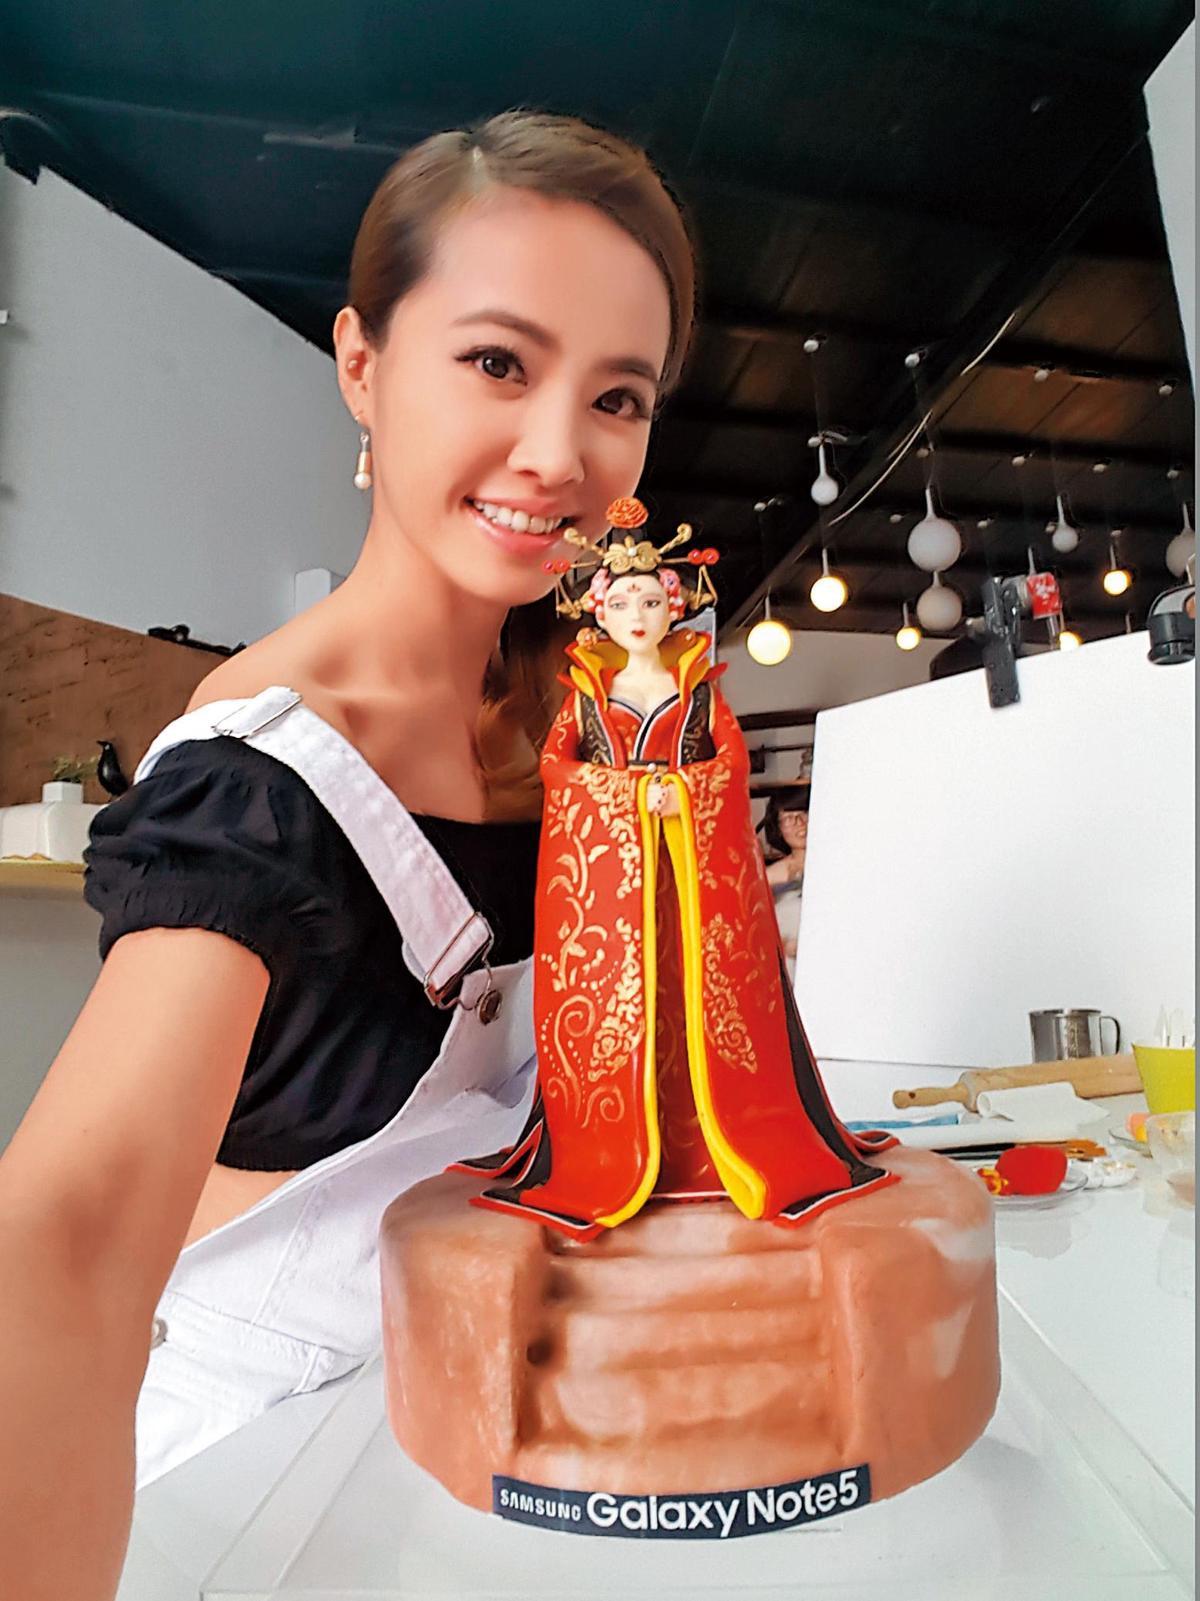 蔡依林把興趣變成專業,成為「皇后陛下」翻糖蛋糕創意總監,作出不少話題作品。(翻攝自蔡依林IG)